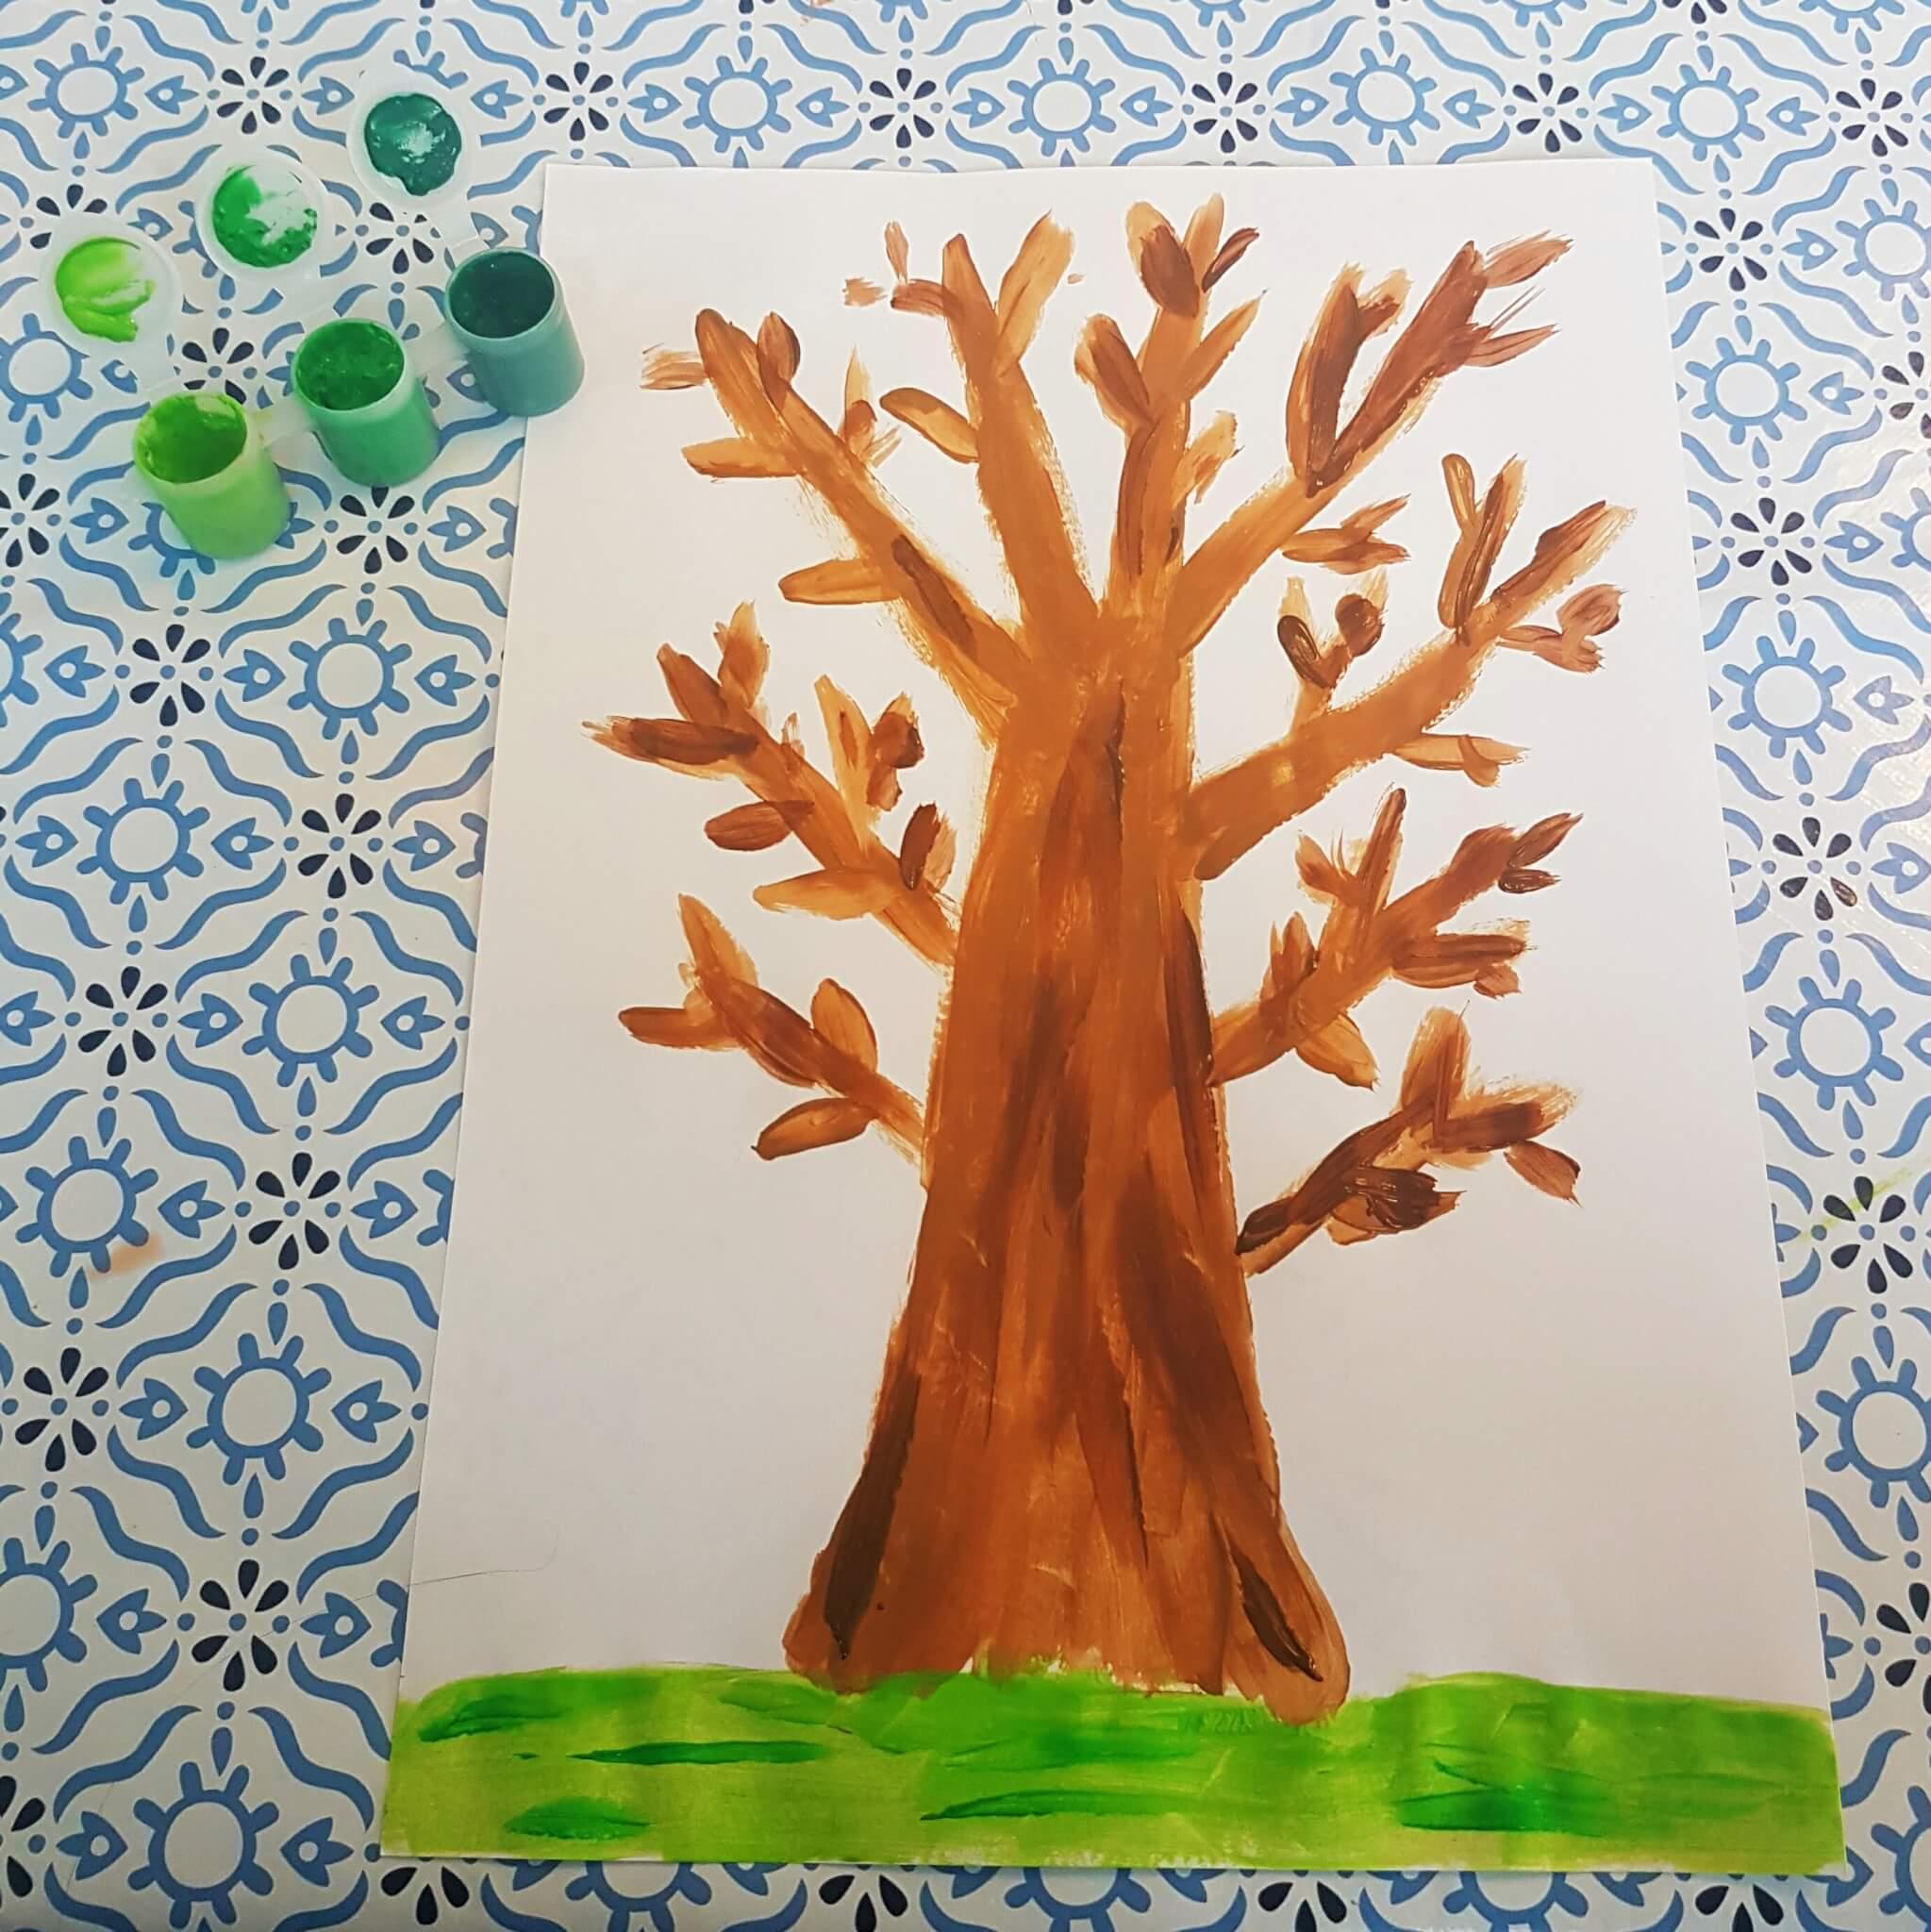 Herfst knutsels: samen knutselen als het buiten kouder wordt - herfstboom schilderen